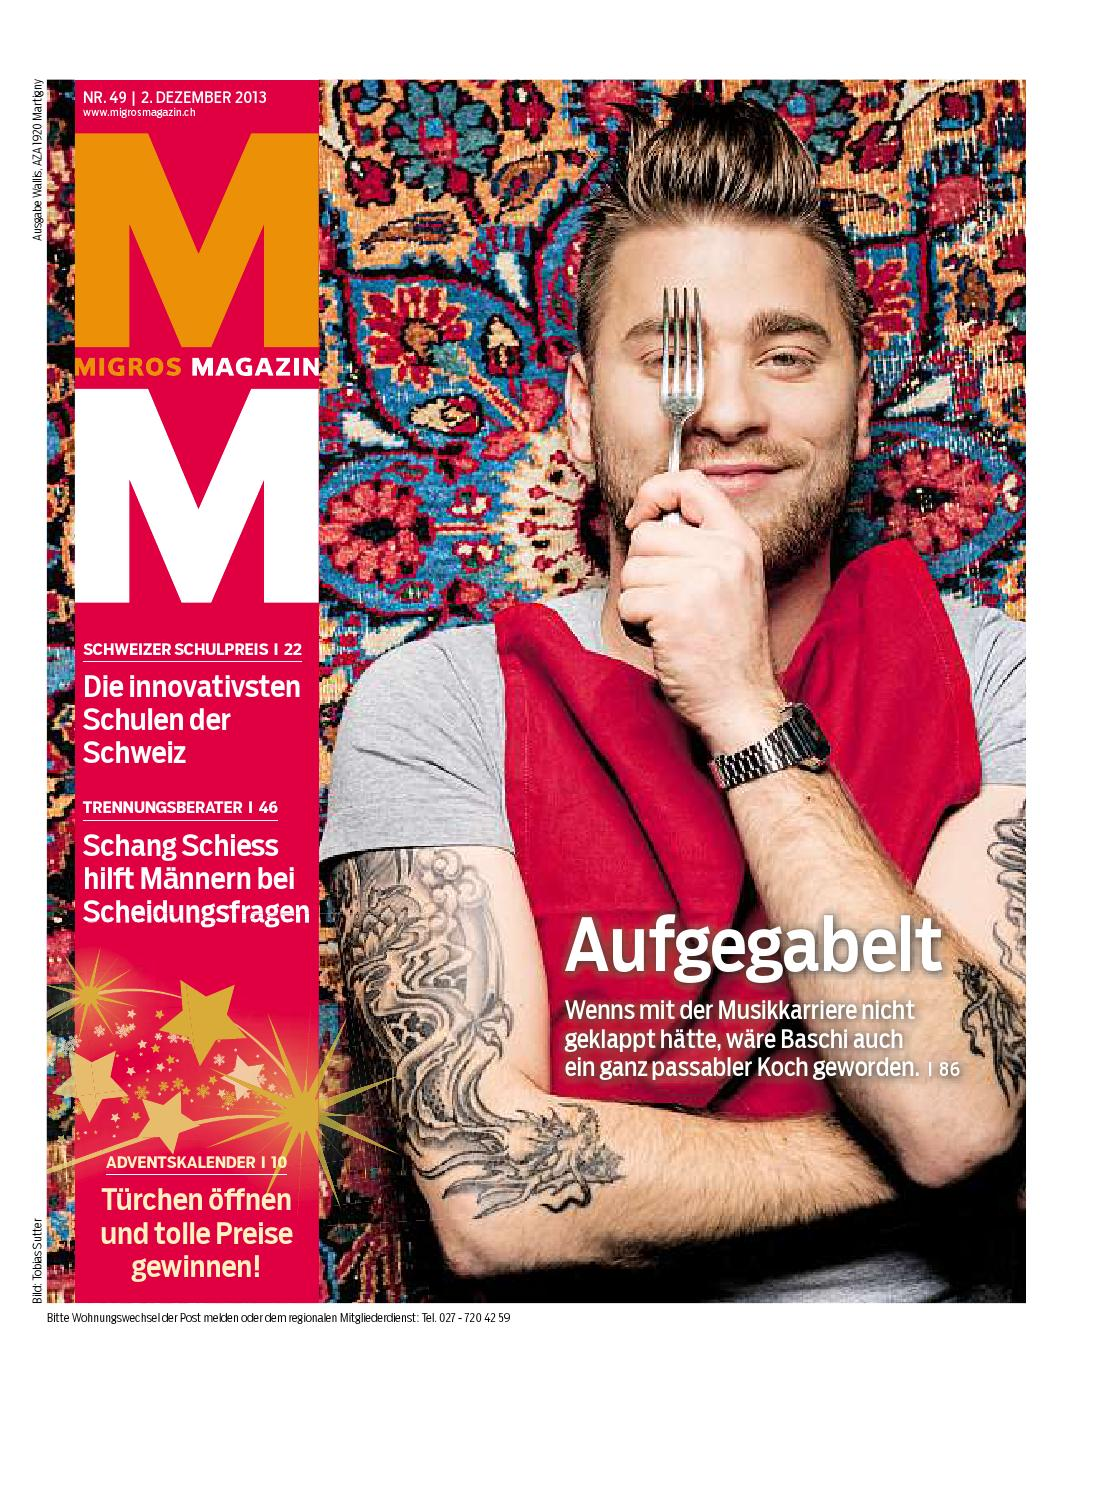 Migros Magazin 49 2013 D Vs By Migros Genossenschafts Bund   Issuu